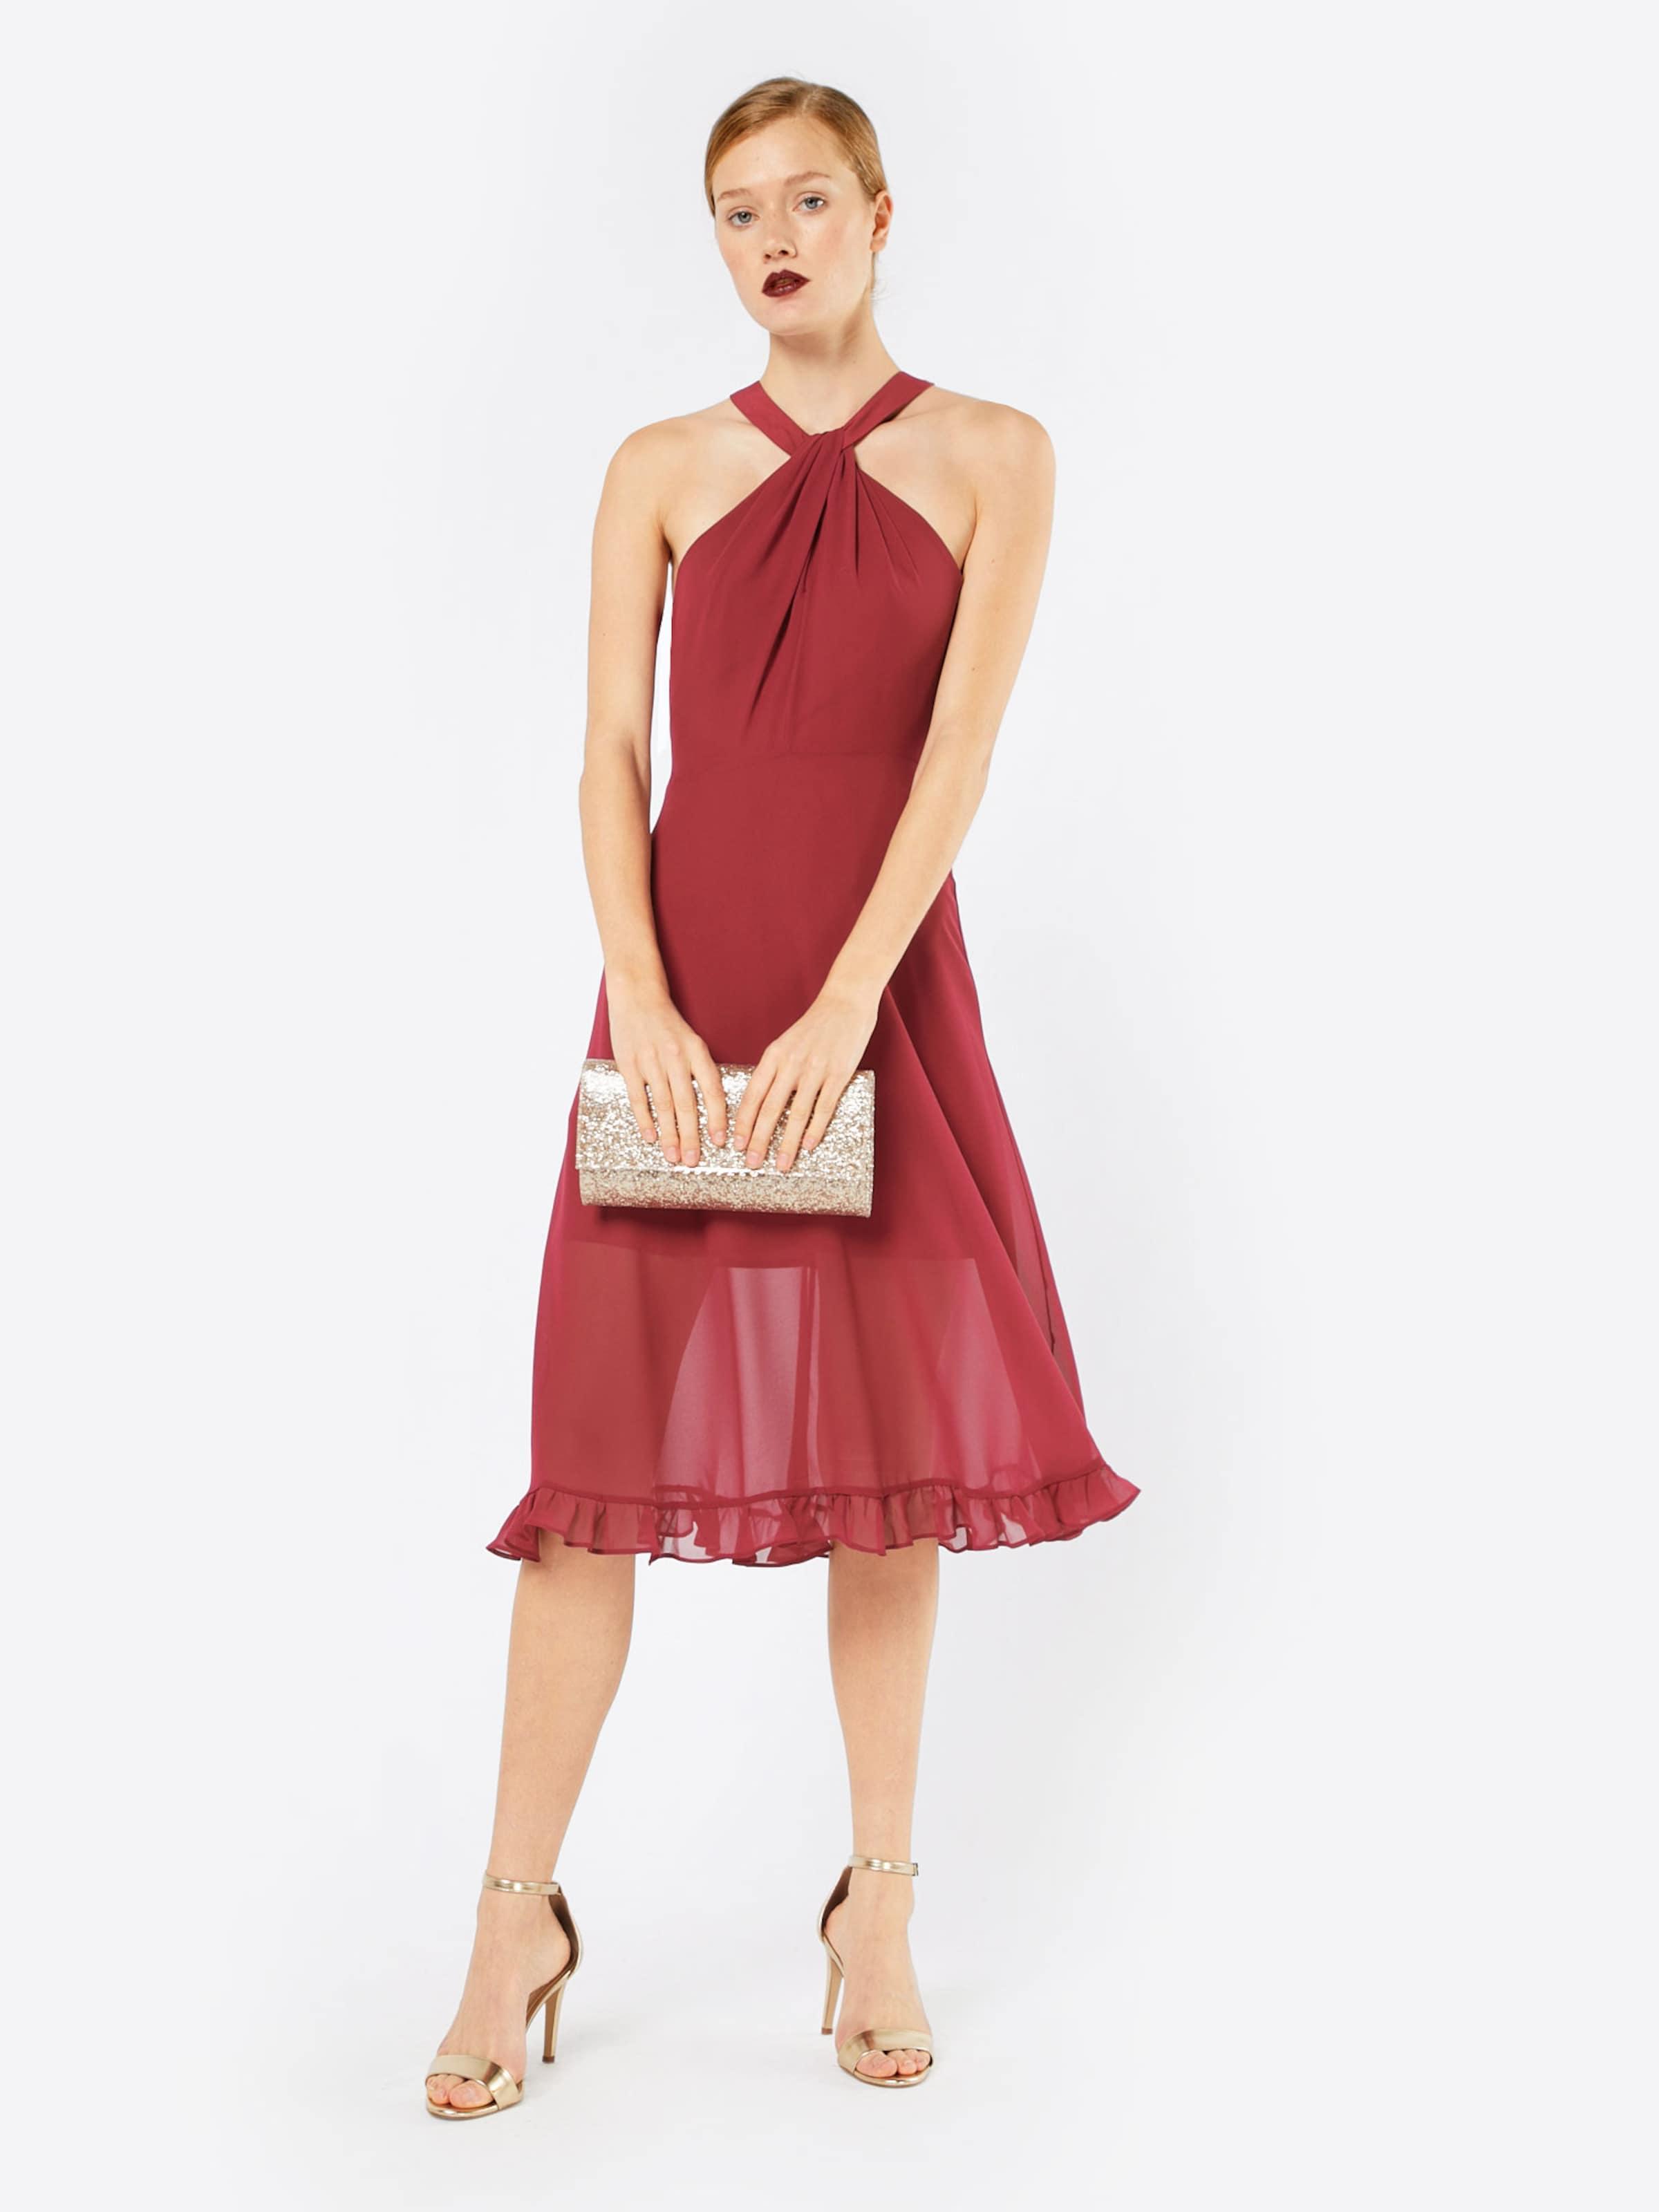 Verkauf Wie Viel Neueste Online-Verkauf BCBGeneration 'WOVEN CKTL' Dress o871GPjxY